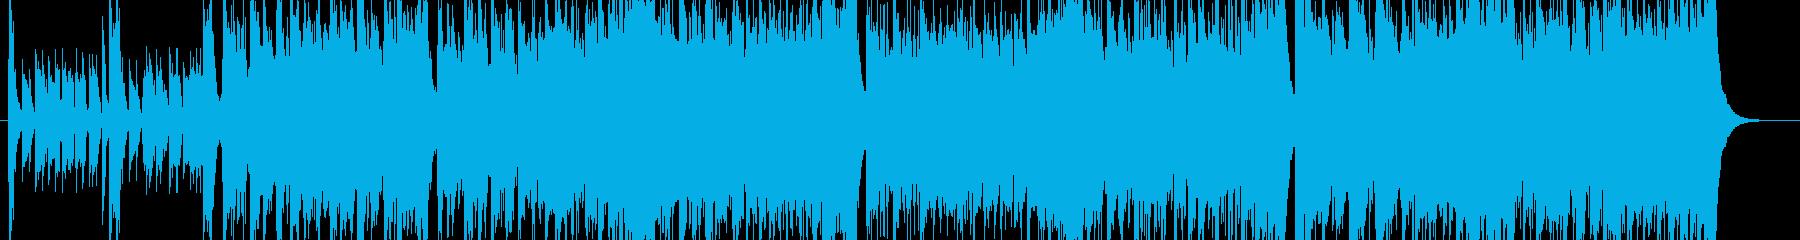 アコギとフルートが絡み合うアイリッシュ曲の再生済みの波形